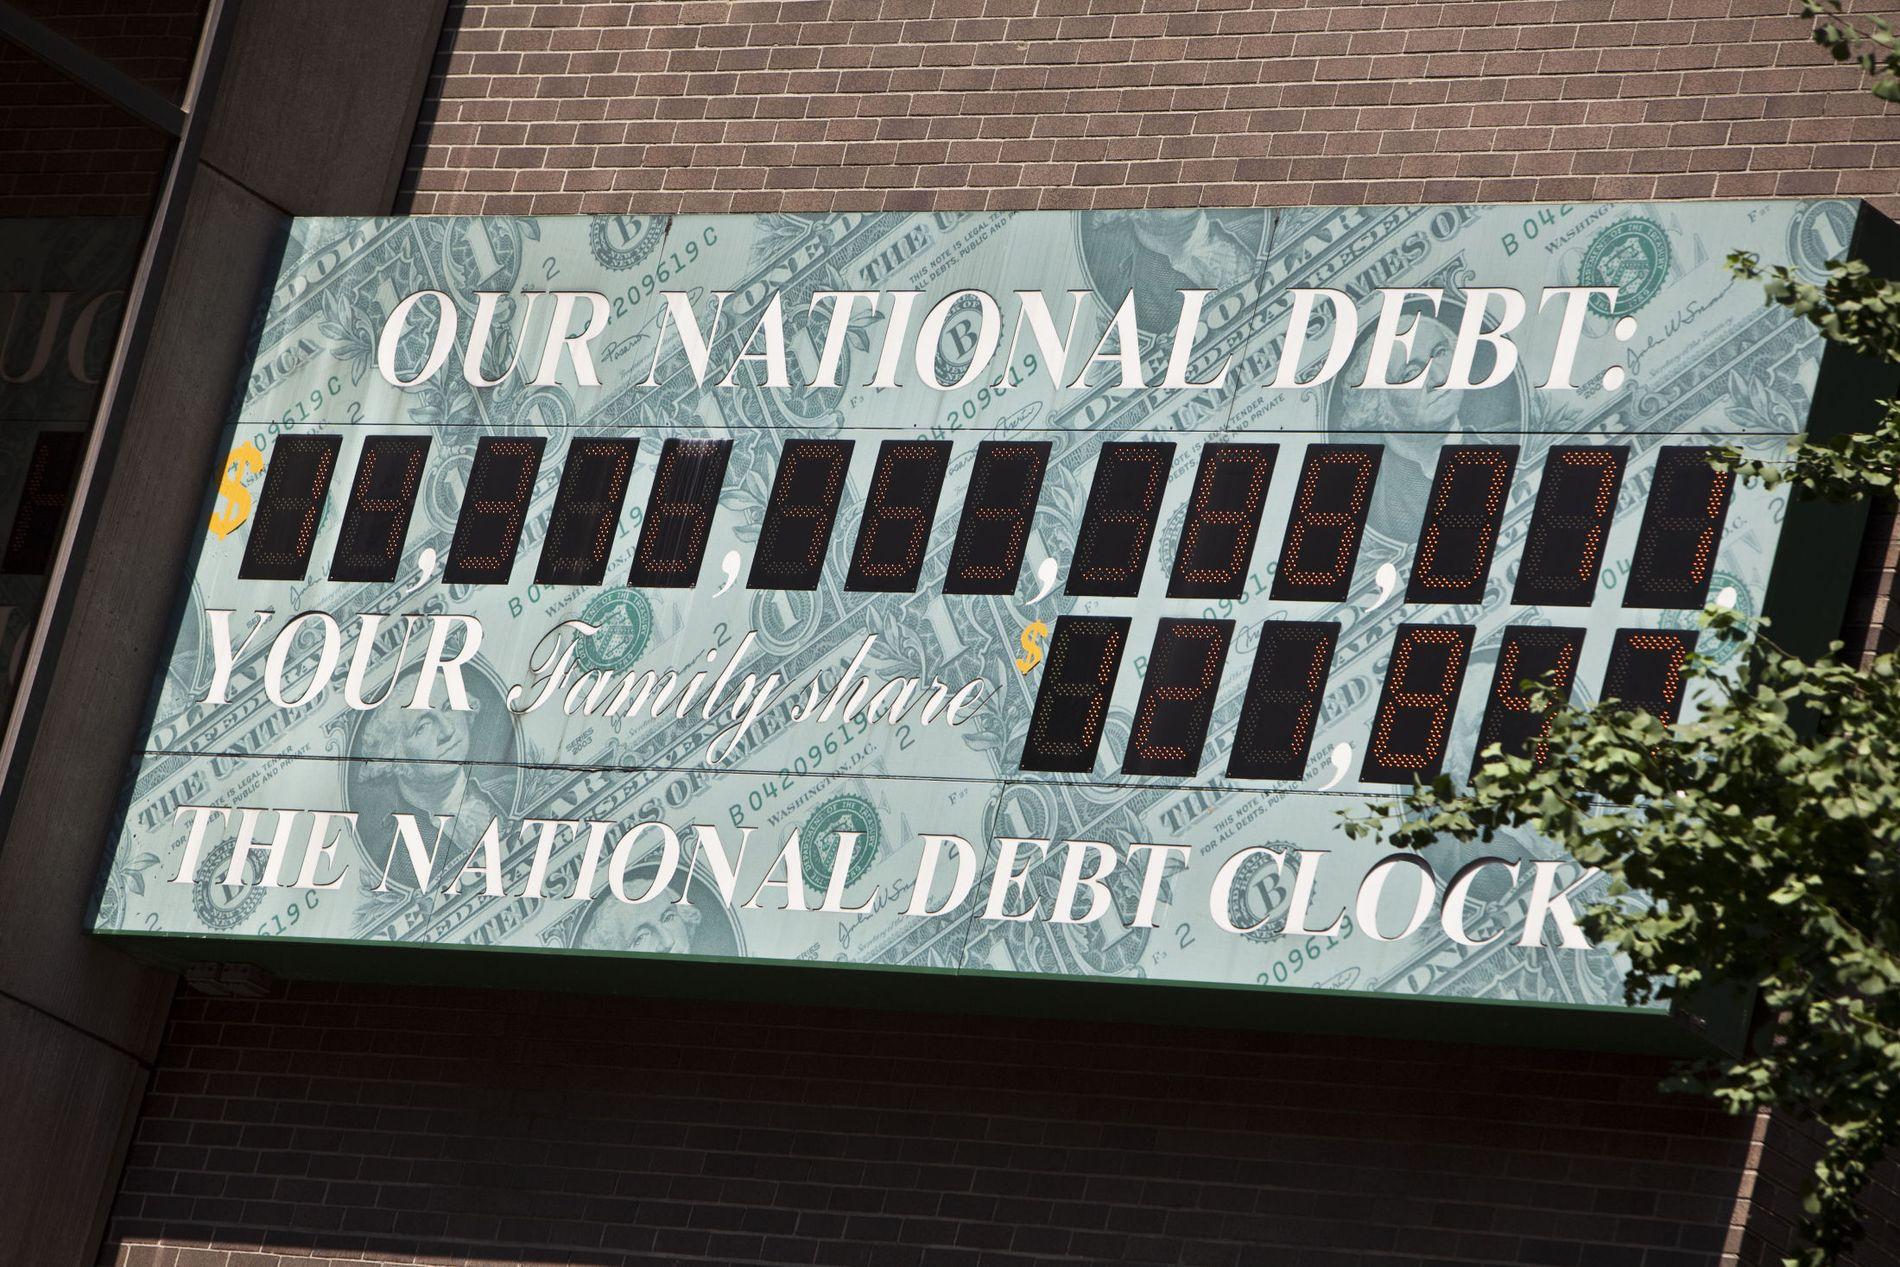 TIKKER OPPOVER: USAs gjeldsklokke kan ses på en billboard på en bygning på Sixth Avenue på Manhattan. bildet er tatt mandag denne uken (11.juli). Gjelden har i realiteten tikket forbi den offisielle gjeldsgrensen på 14.300 milliarder dollar, et tak Obama-administrasjonen har store utfordringer med å få hevet.